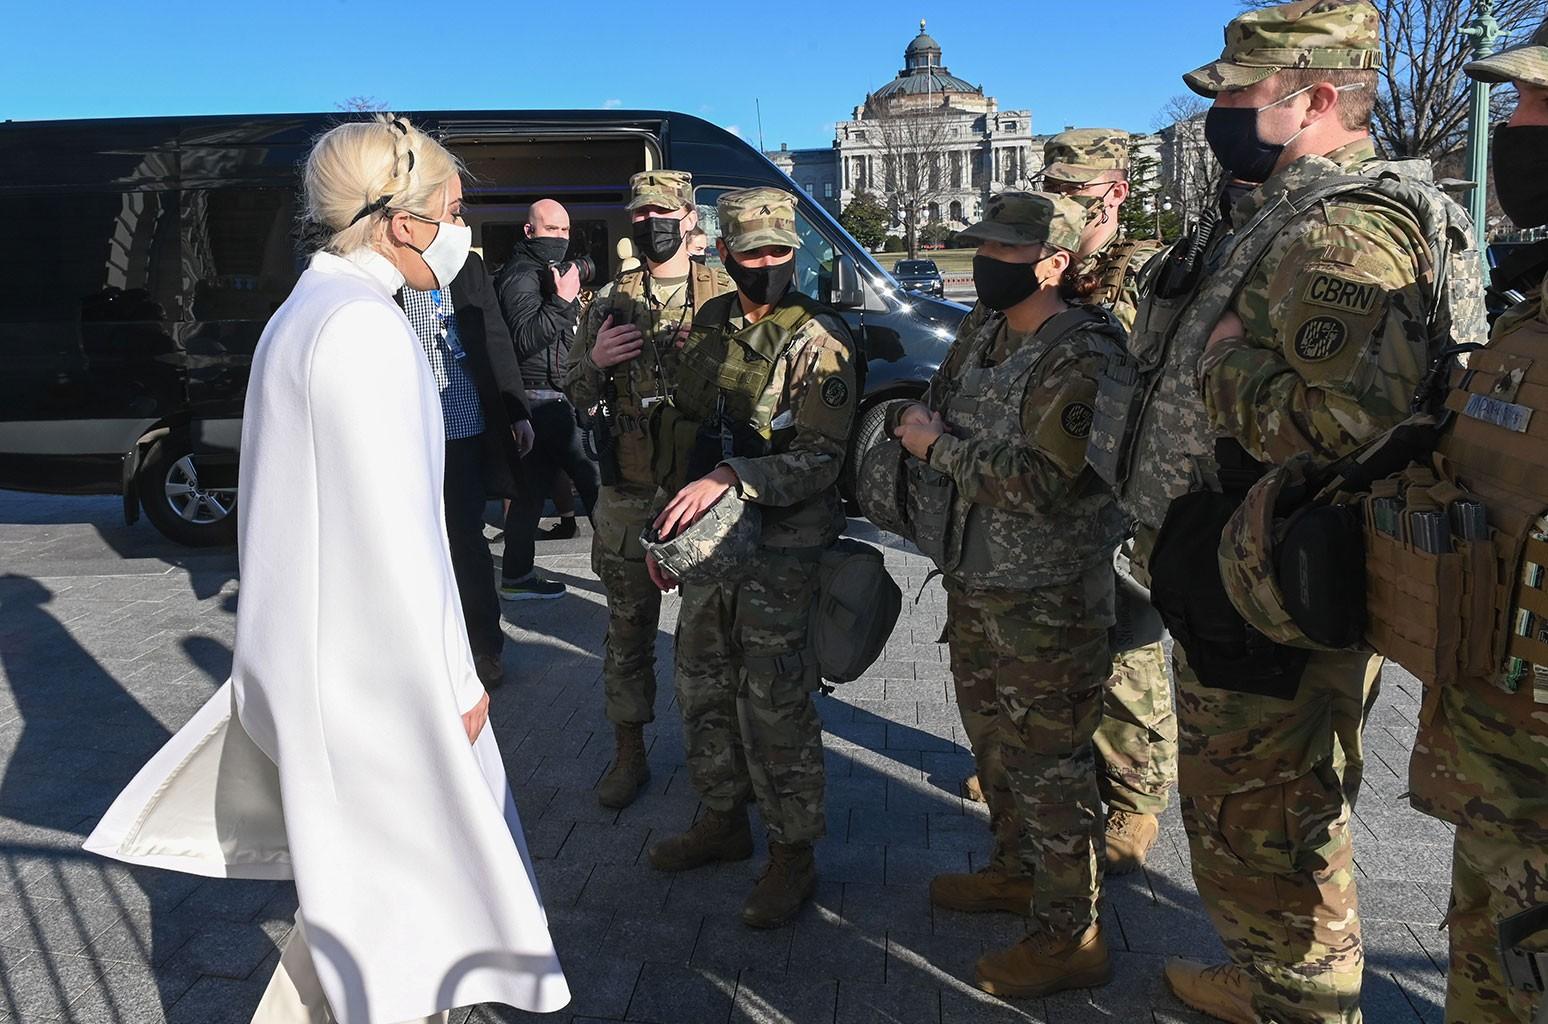 Леди Гага отправляет свою любовь из Капитолия во время репетиции в Вашингтоне перед инаугурацией